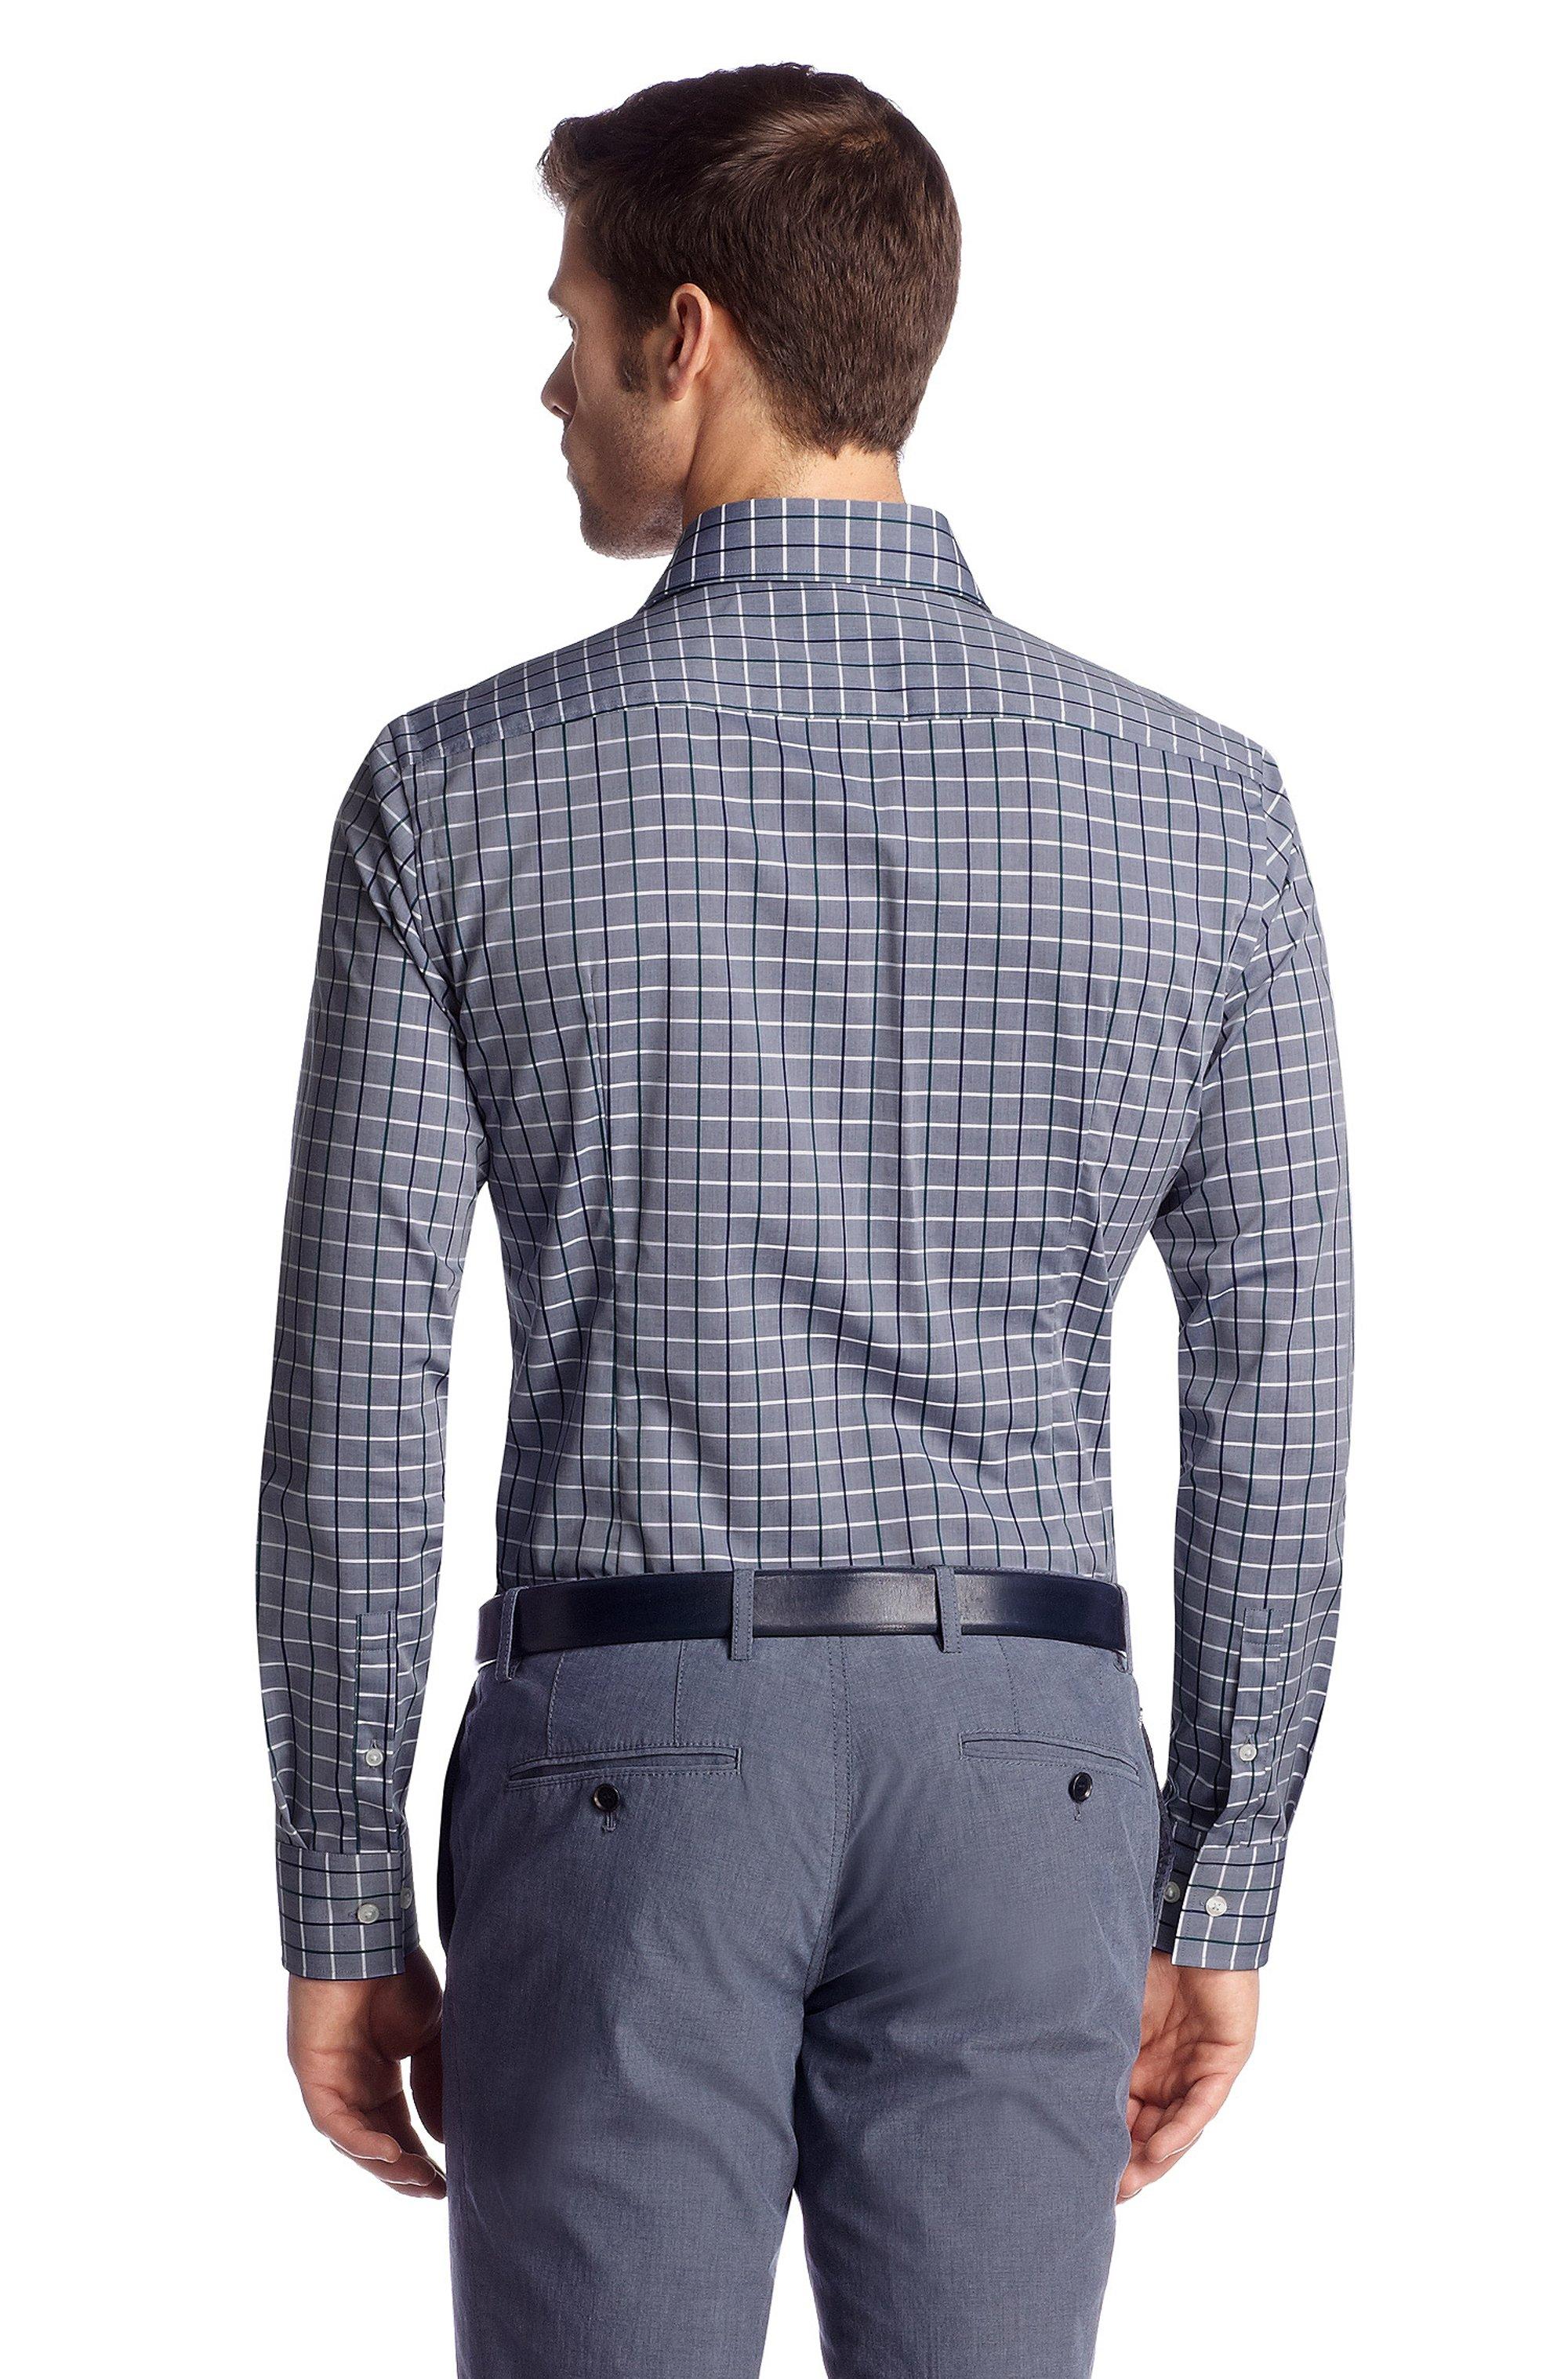 Regular Fit business shirt made of cotton'Jaron'